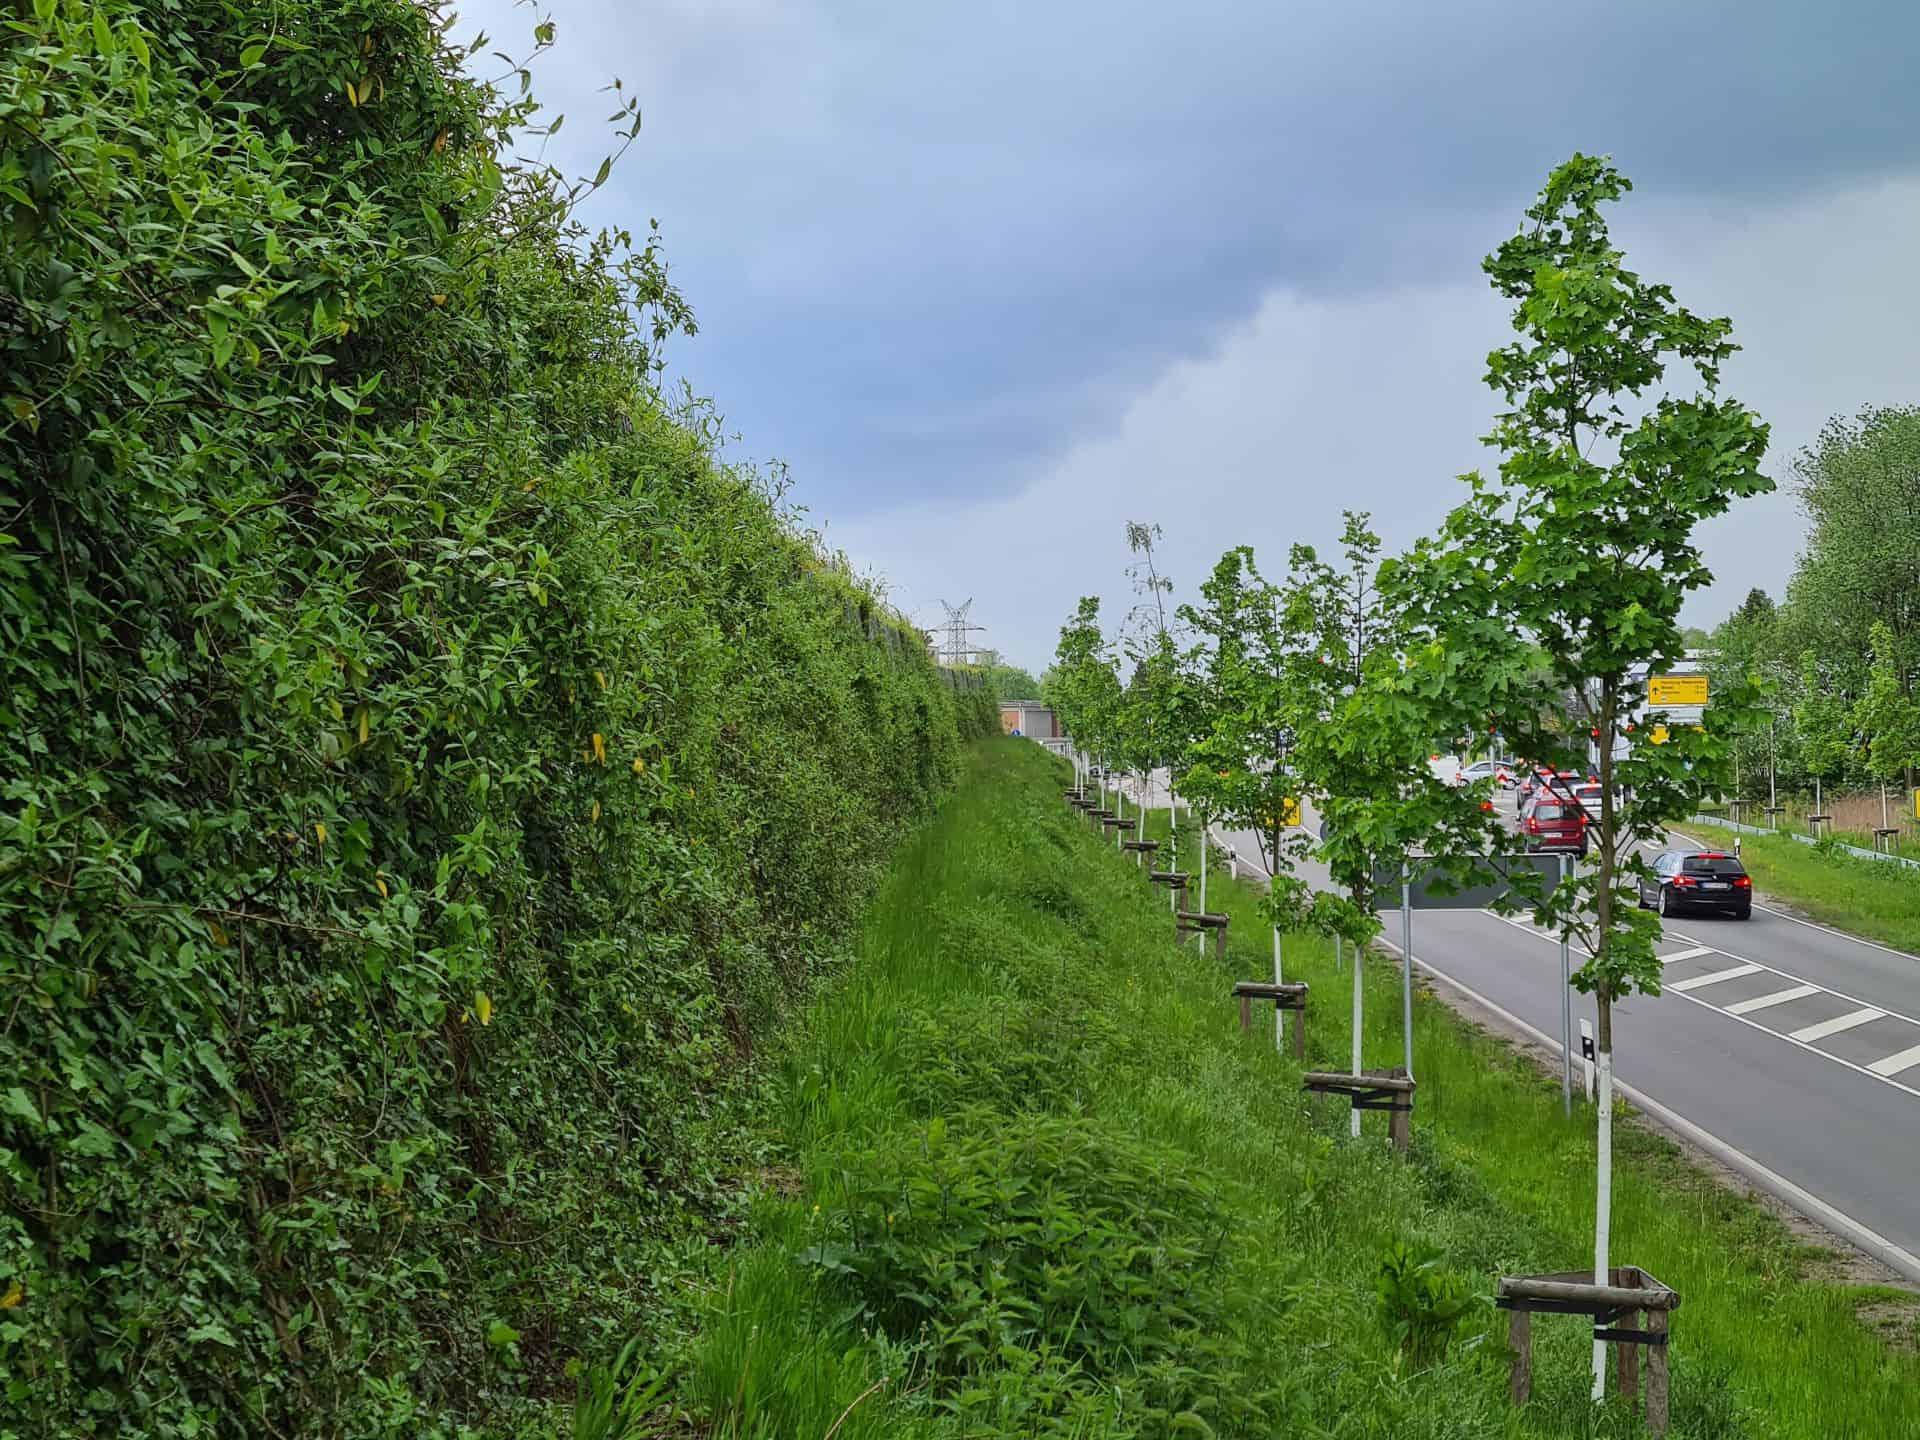 üppig begrünte Lärmschutzwand in Pinneberg